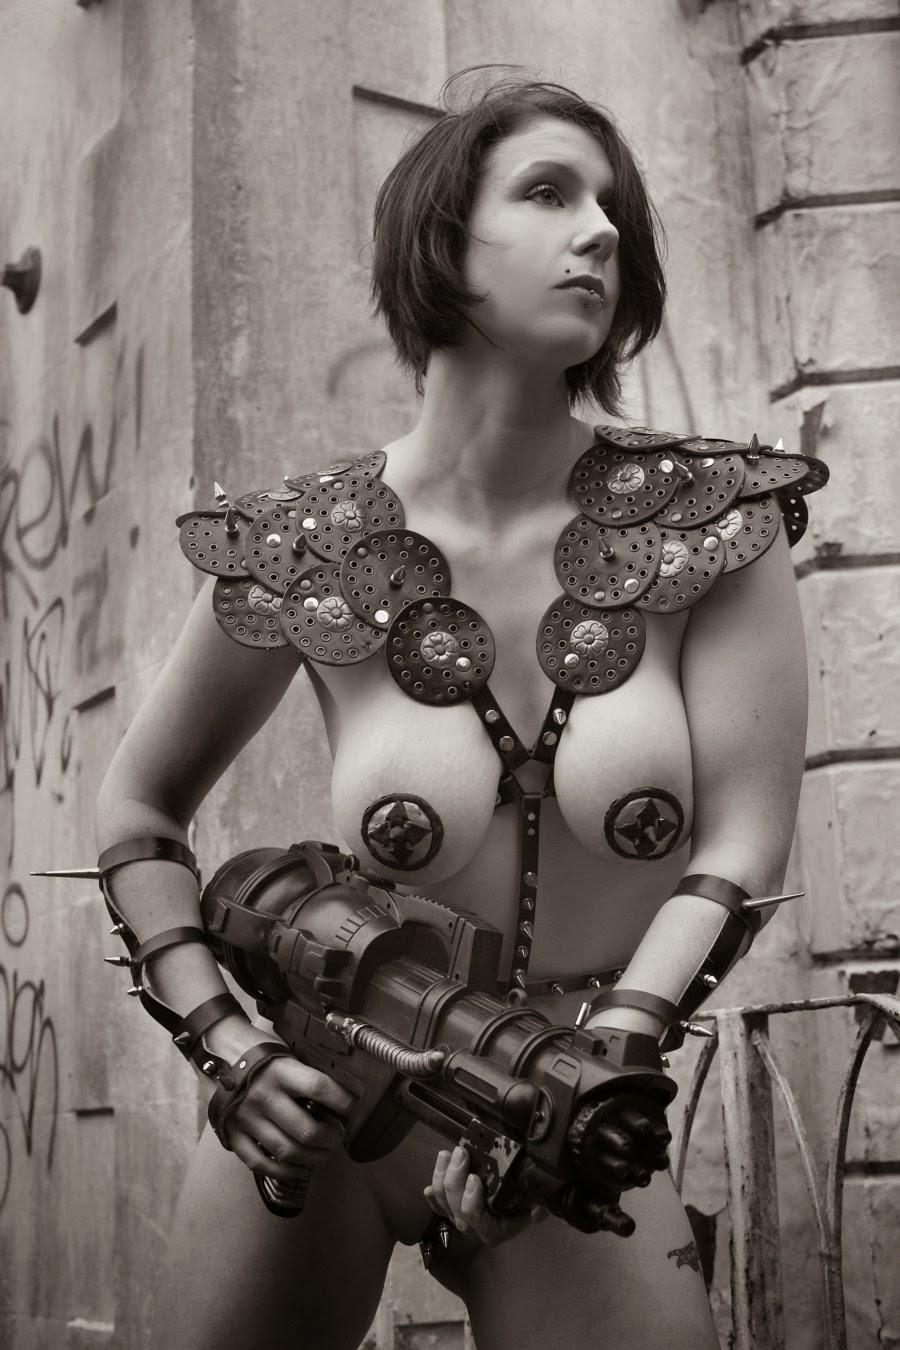 guerriere steampunk courte vetue en noir et blanc